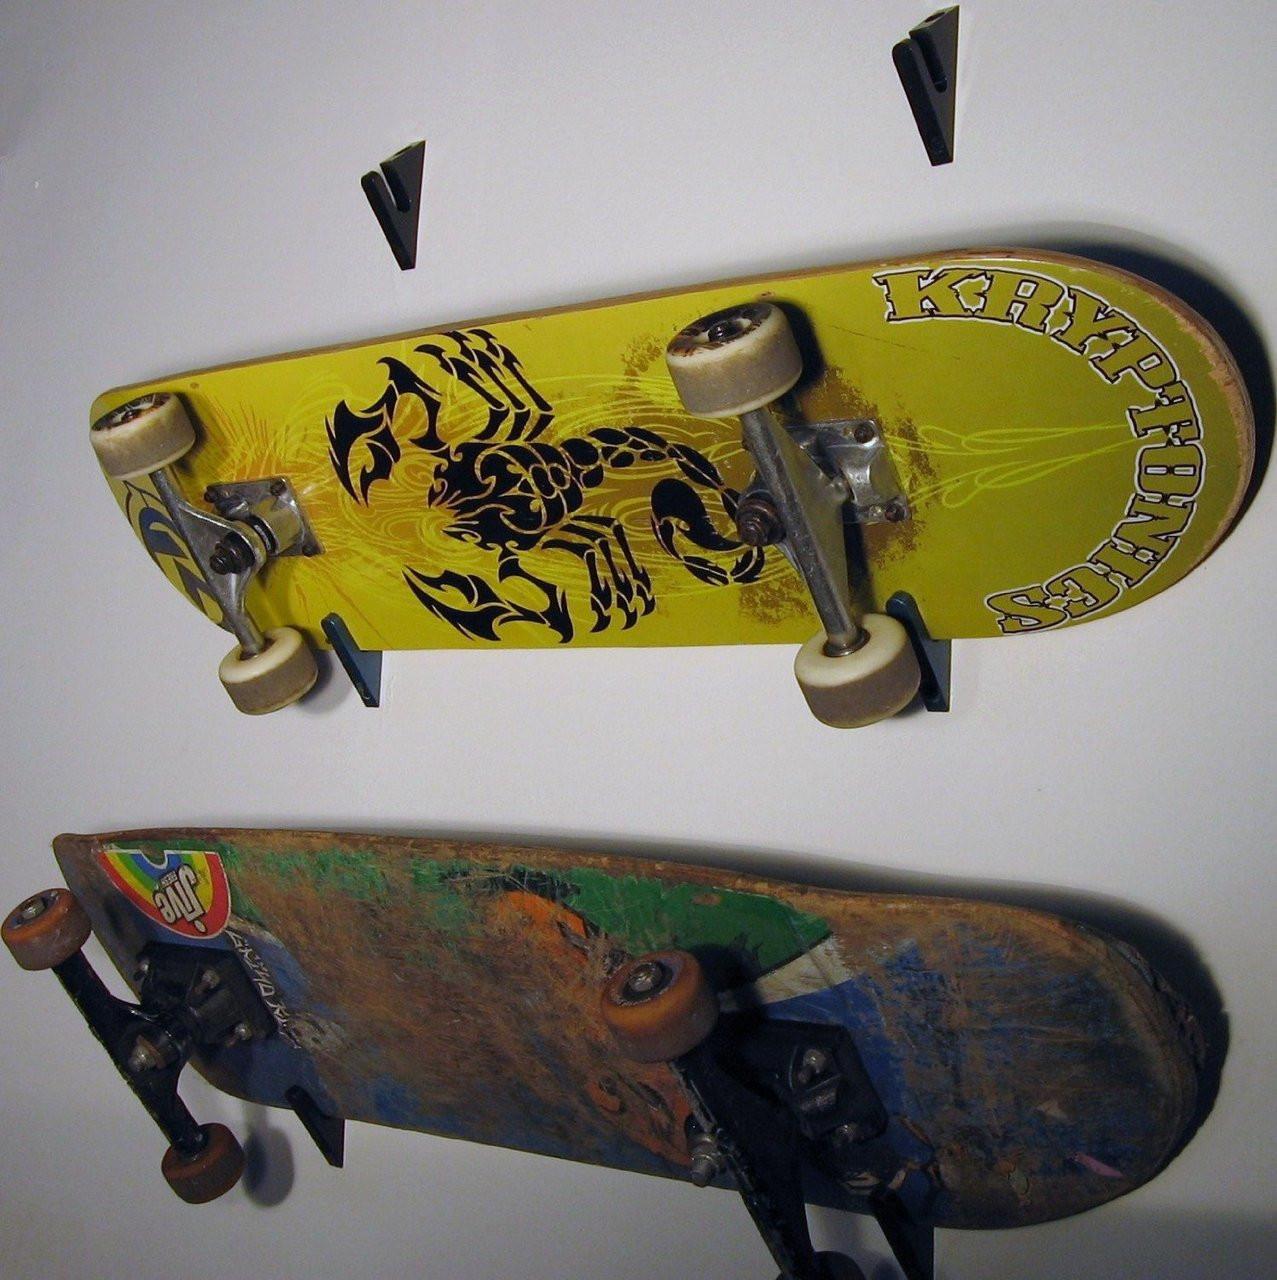 Best ideas about DIY Skateboard Wall Mount . Save or Pin Skateboard Wall Rack Skateboard Holder Now.